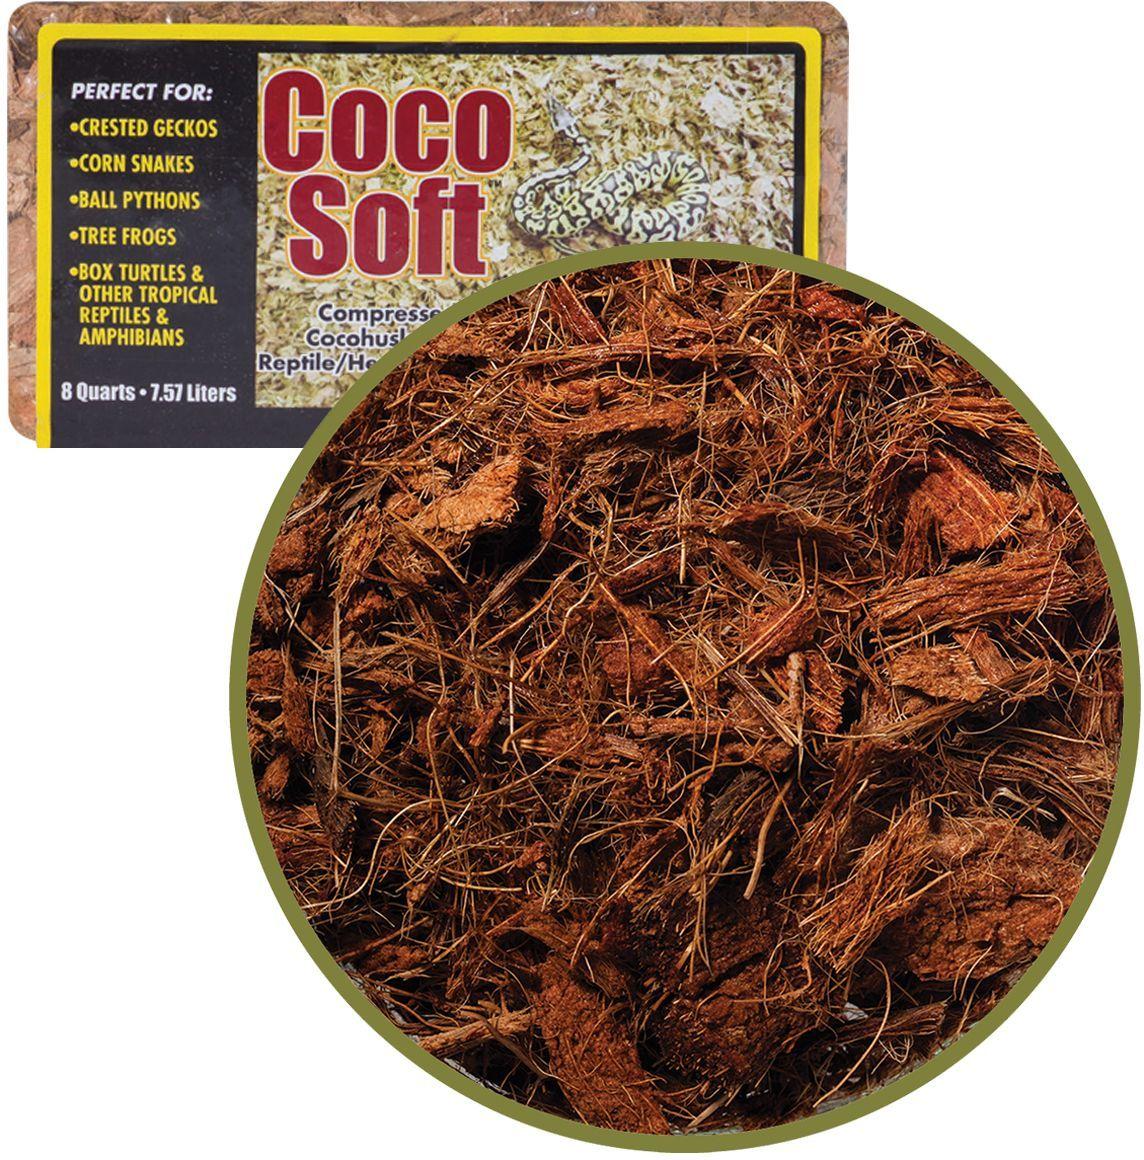 Субстрат для террариумов Caribsea Coco Soft, кокосовая стружка, 7,57 л2401020Субстрат для террариумов Caribsea Coco Soft обладает природным саморегулированием влажности. Скорлупа кокосового ореха является эффективным компонентом подстилки в террариумах. Используется для рептилий, паукообразных насекомых и земноводных.